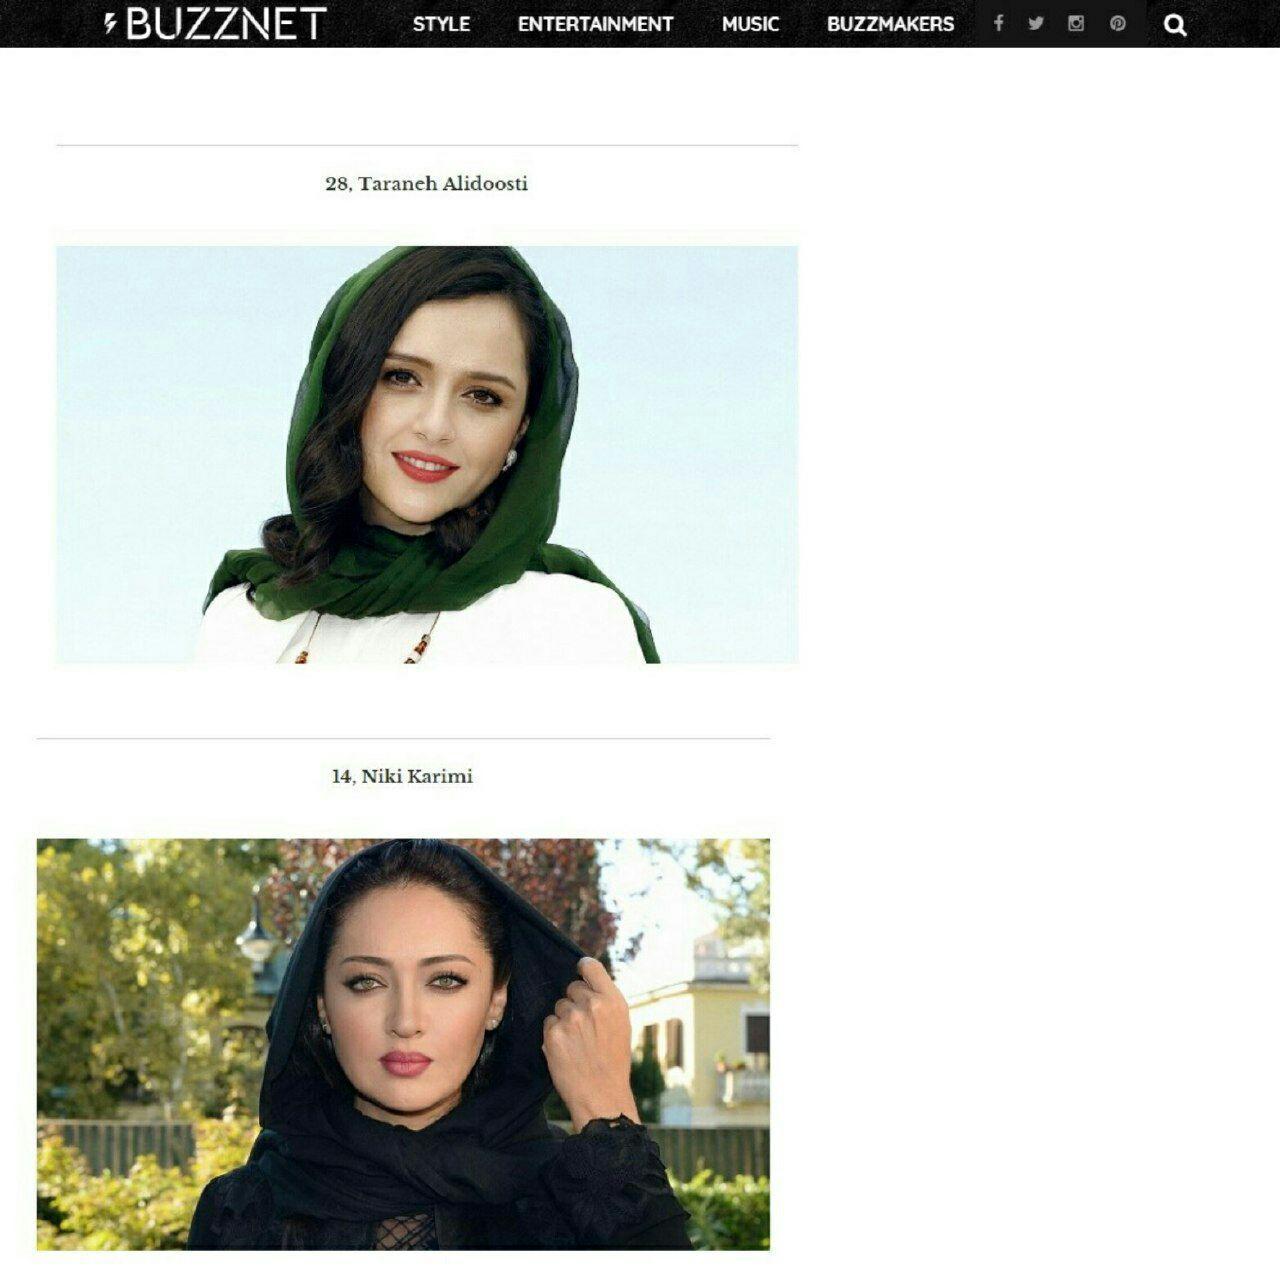 نیکى کریمى و ترانه علیدوستى در لیست 30 زن زیبای دنیا